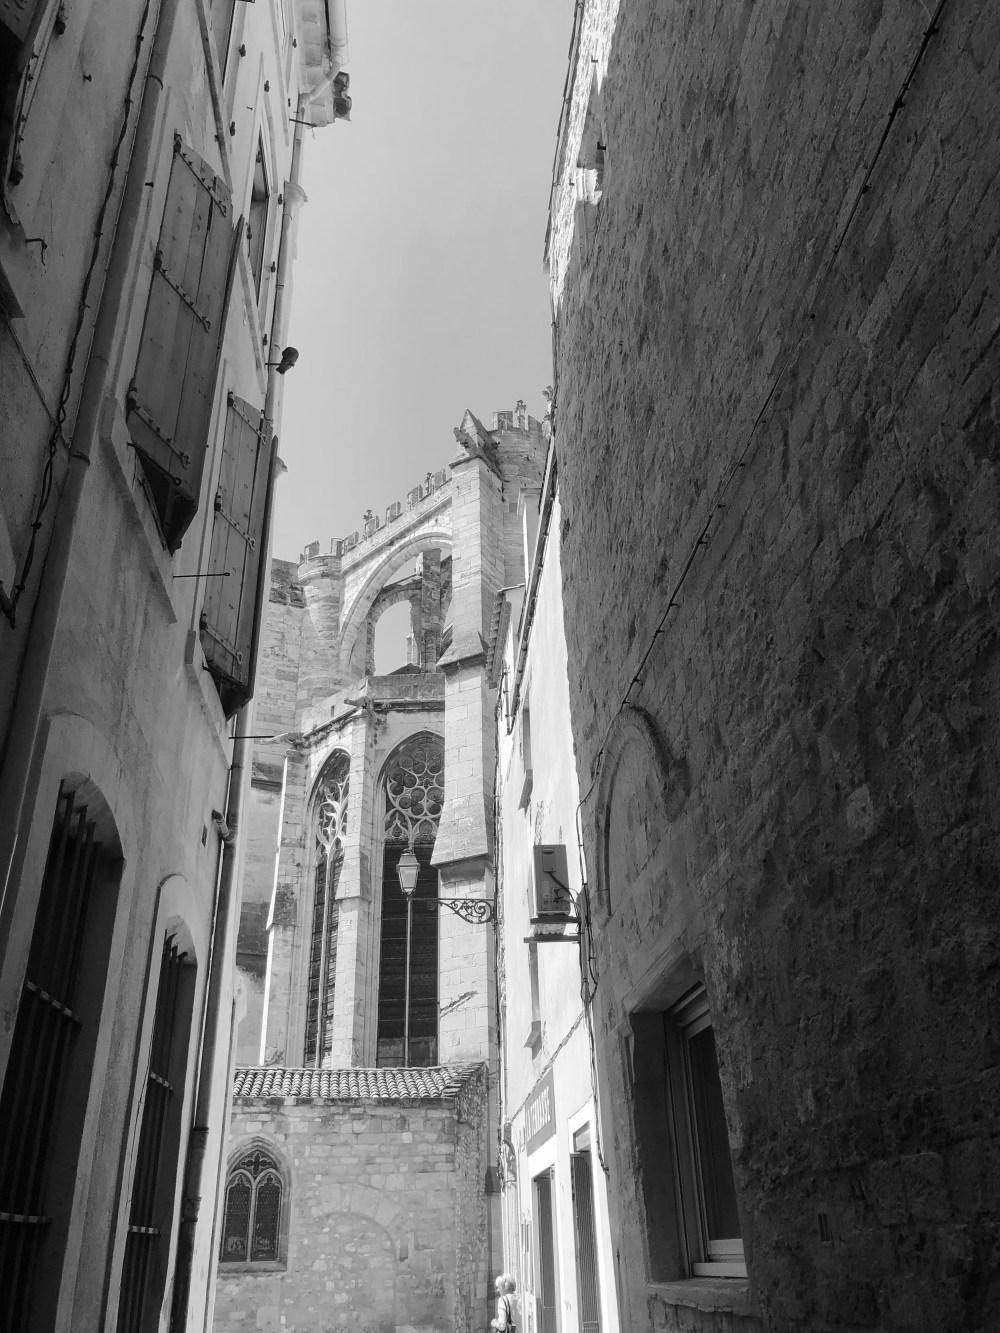 Kirche , die zwischen zwei Häusern hervorragt